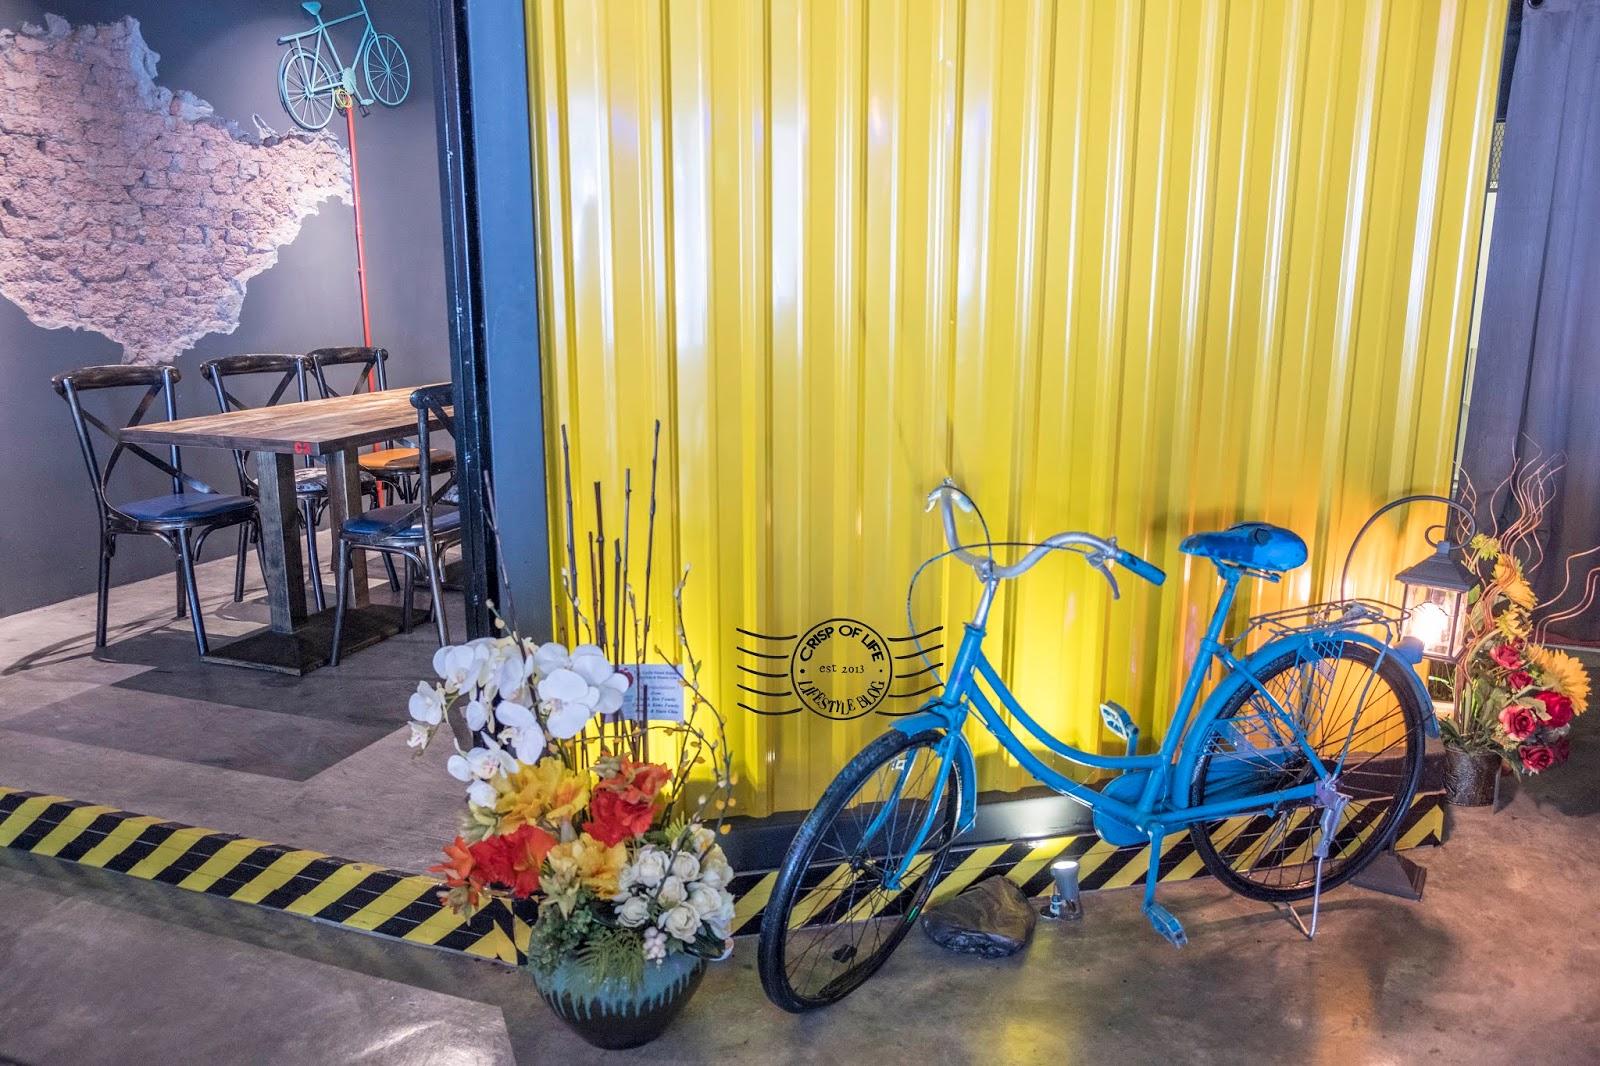 Cycle Food Station @ Solaria Square, Bayan Lepas, Penang